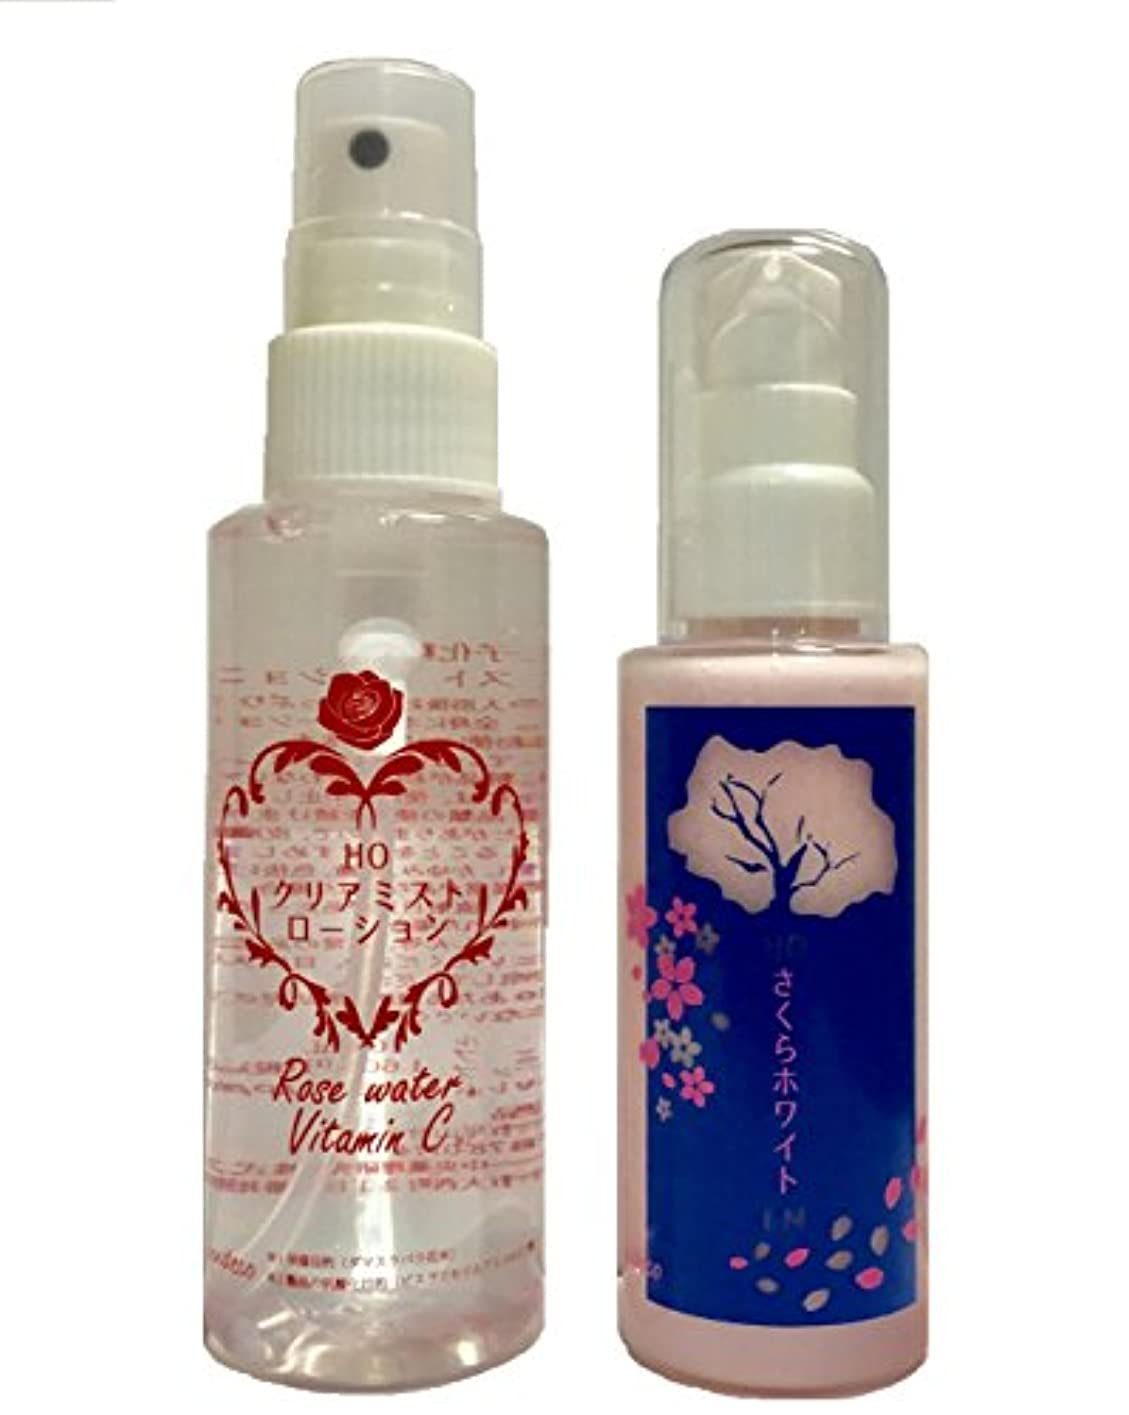 またはナインへうなる肌王子 さくらホワイト 美容液&乳液 65ml 2~3ヶ月分 (HOクリアミスト化粧水とのセット)